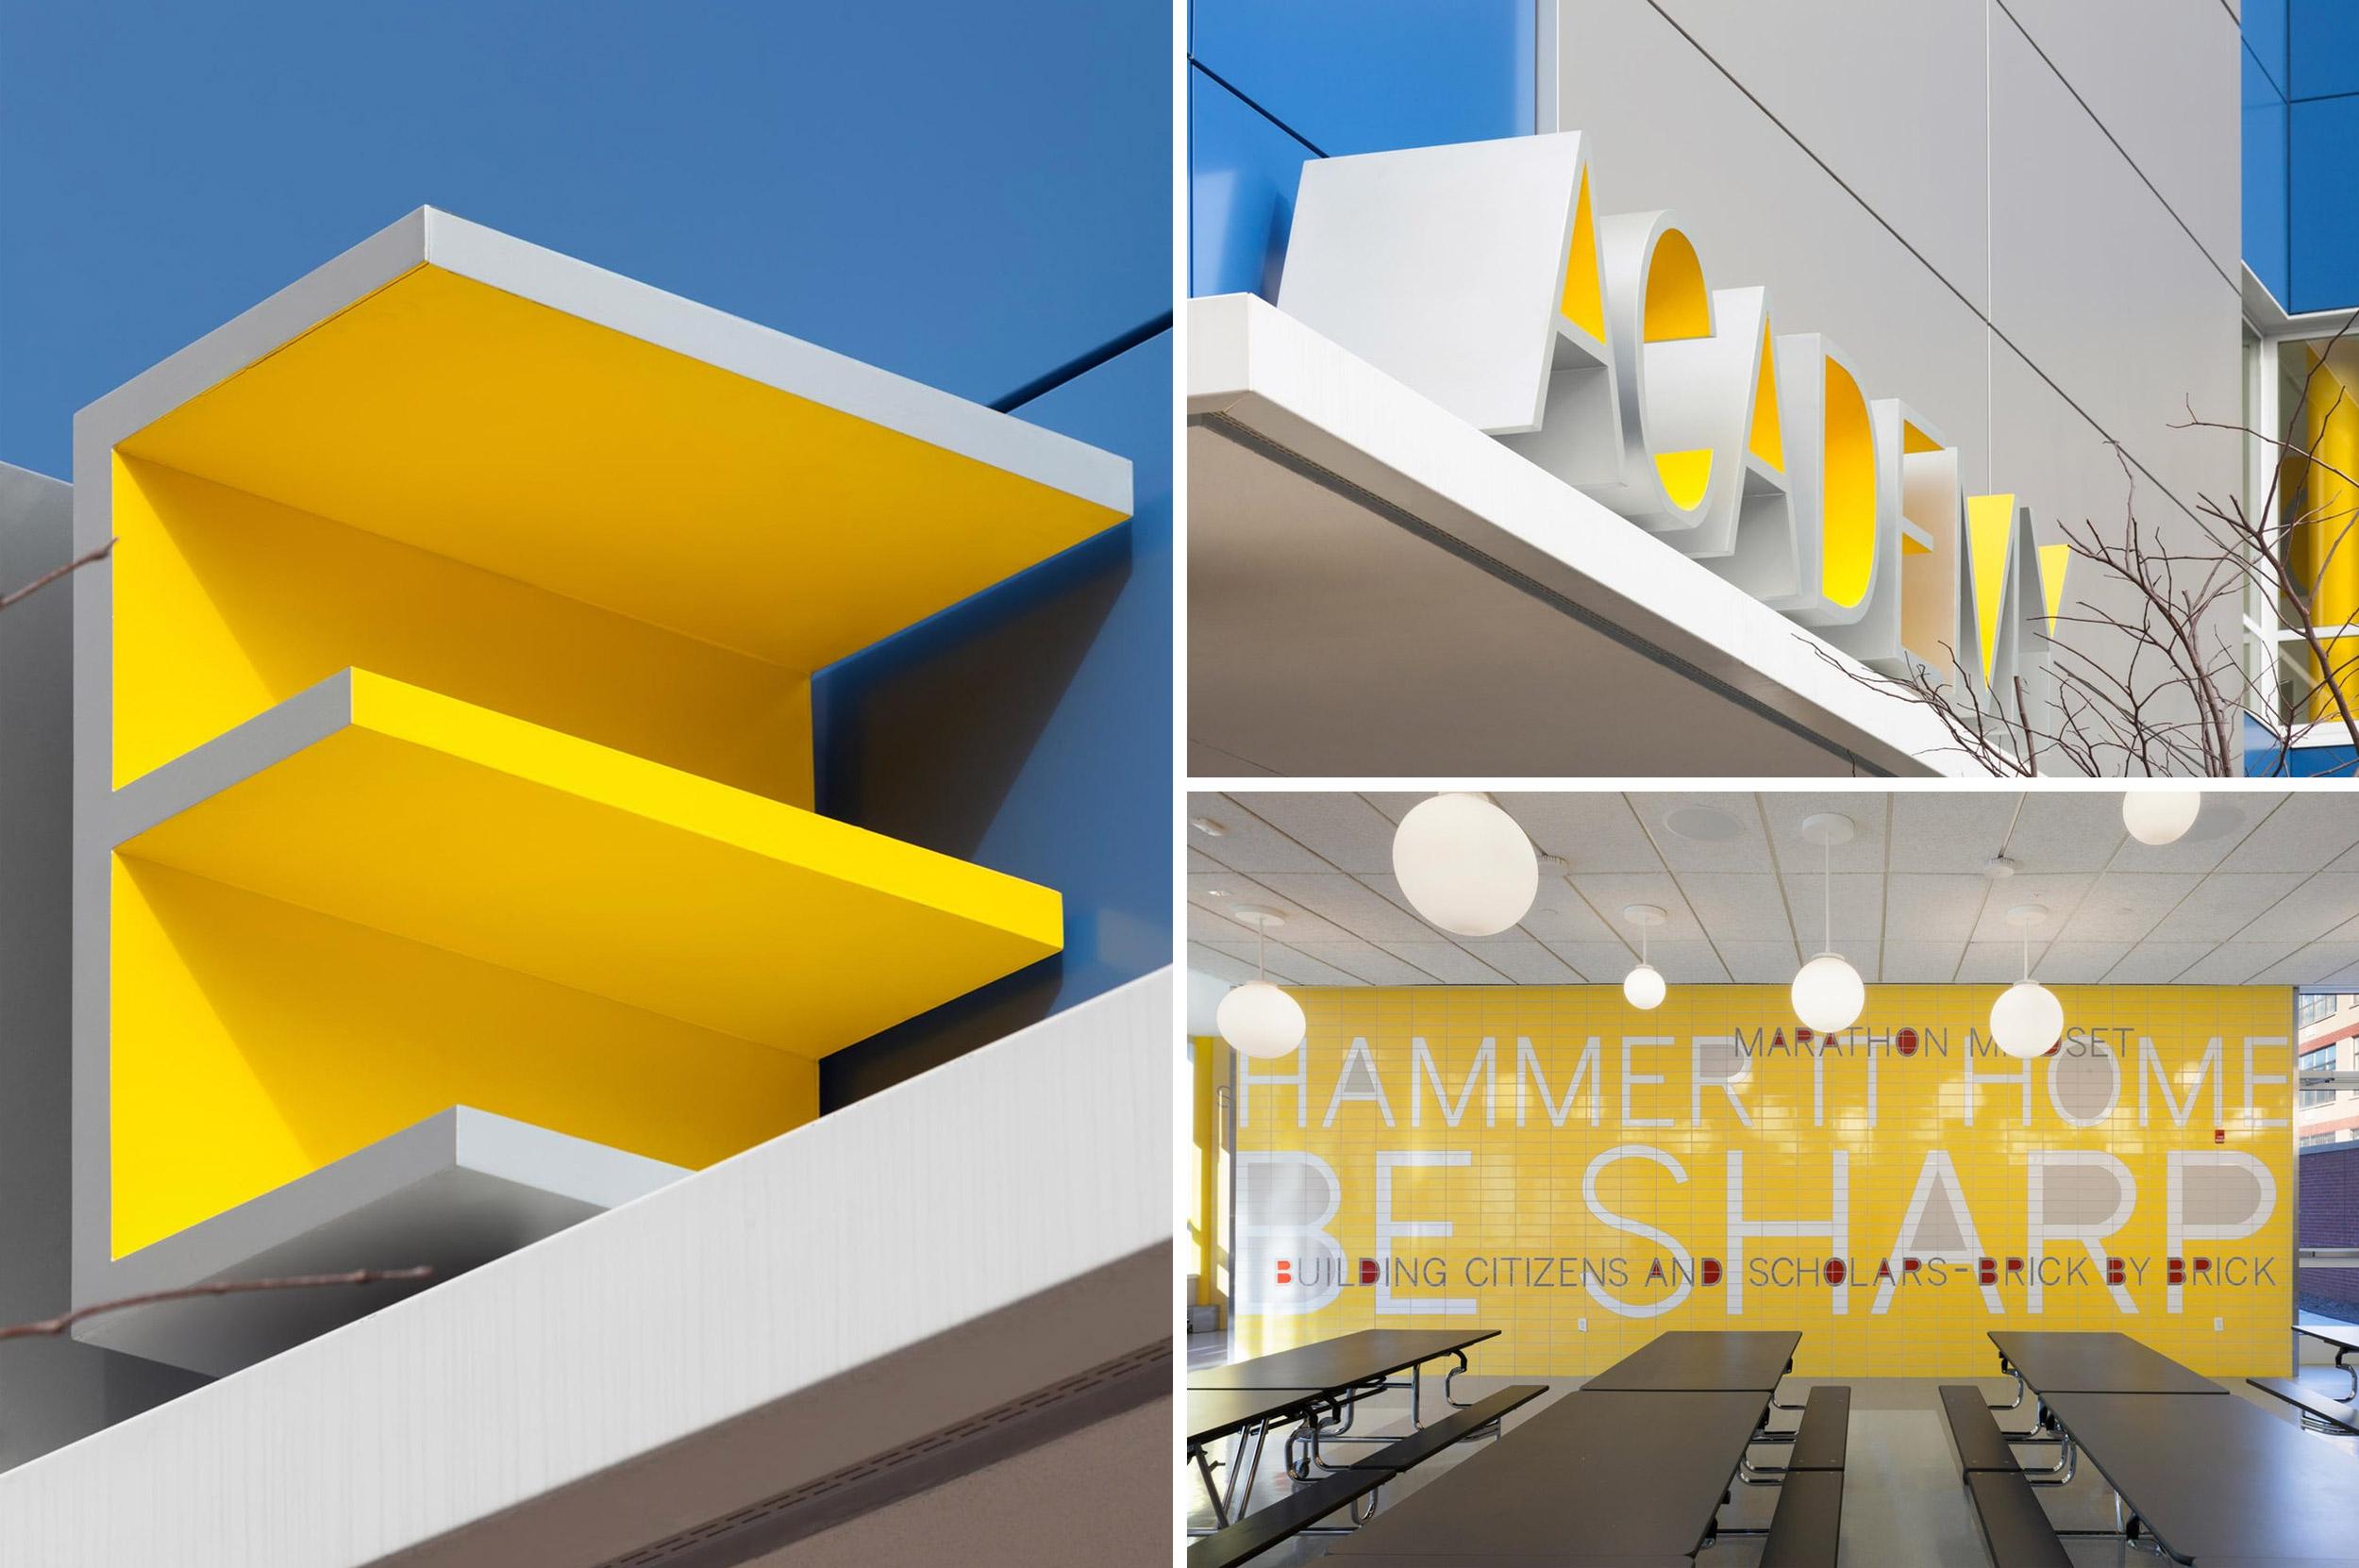 The Leonardo Museum. Designed by Hyperakt / @enviromeant.comPAVE Academy Charter School. Designed by Pentagram @enviromeant.com